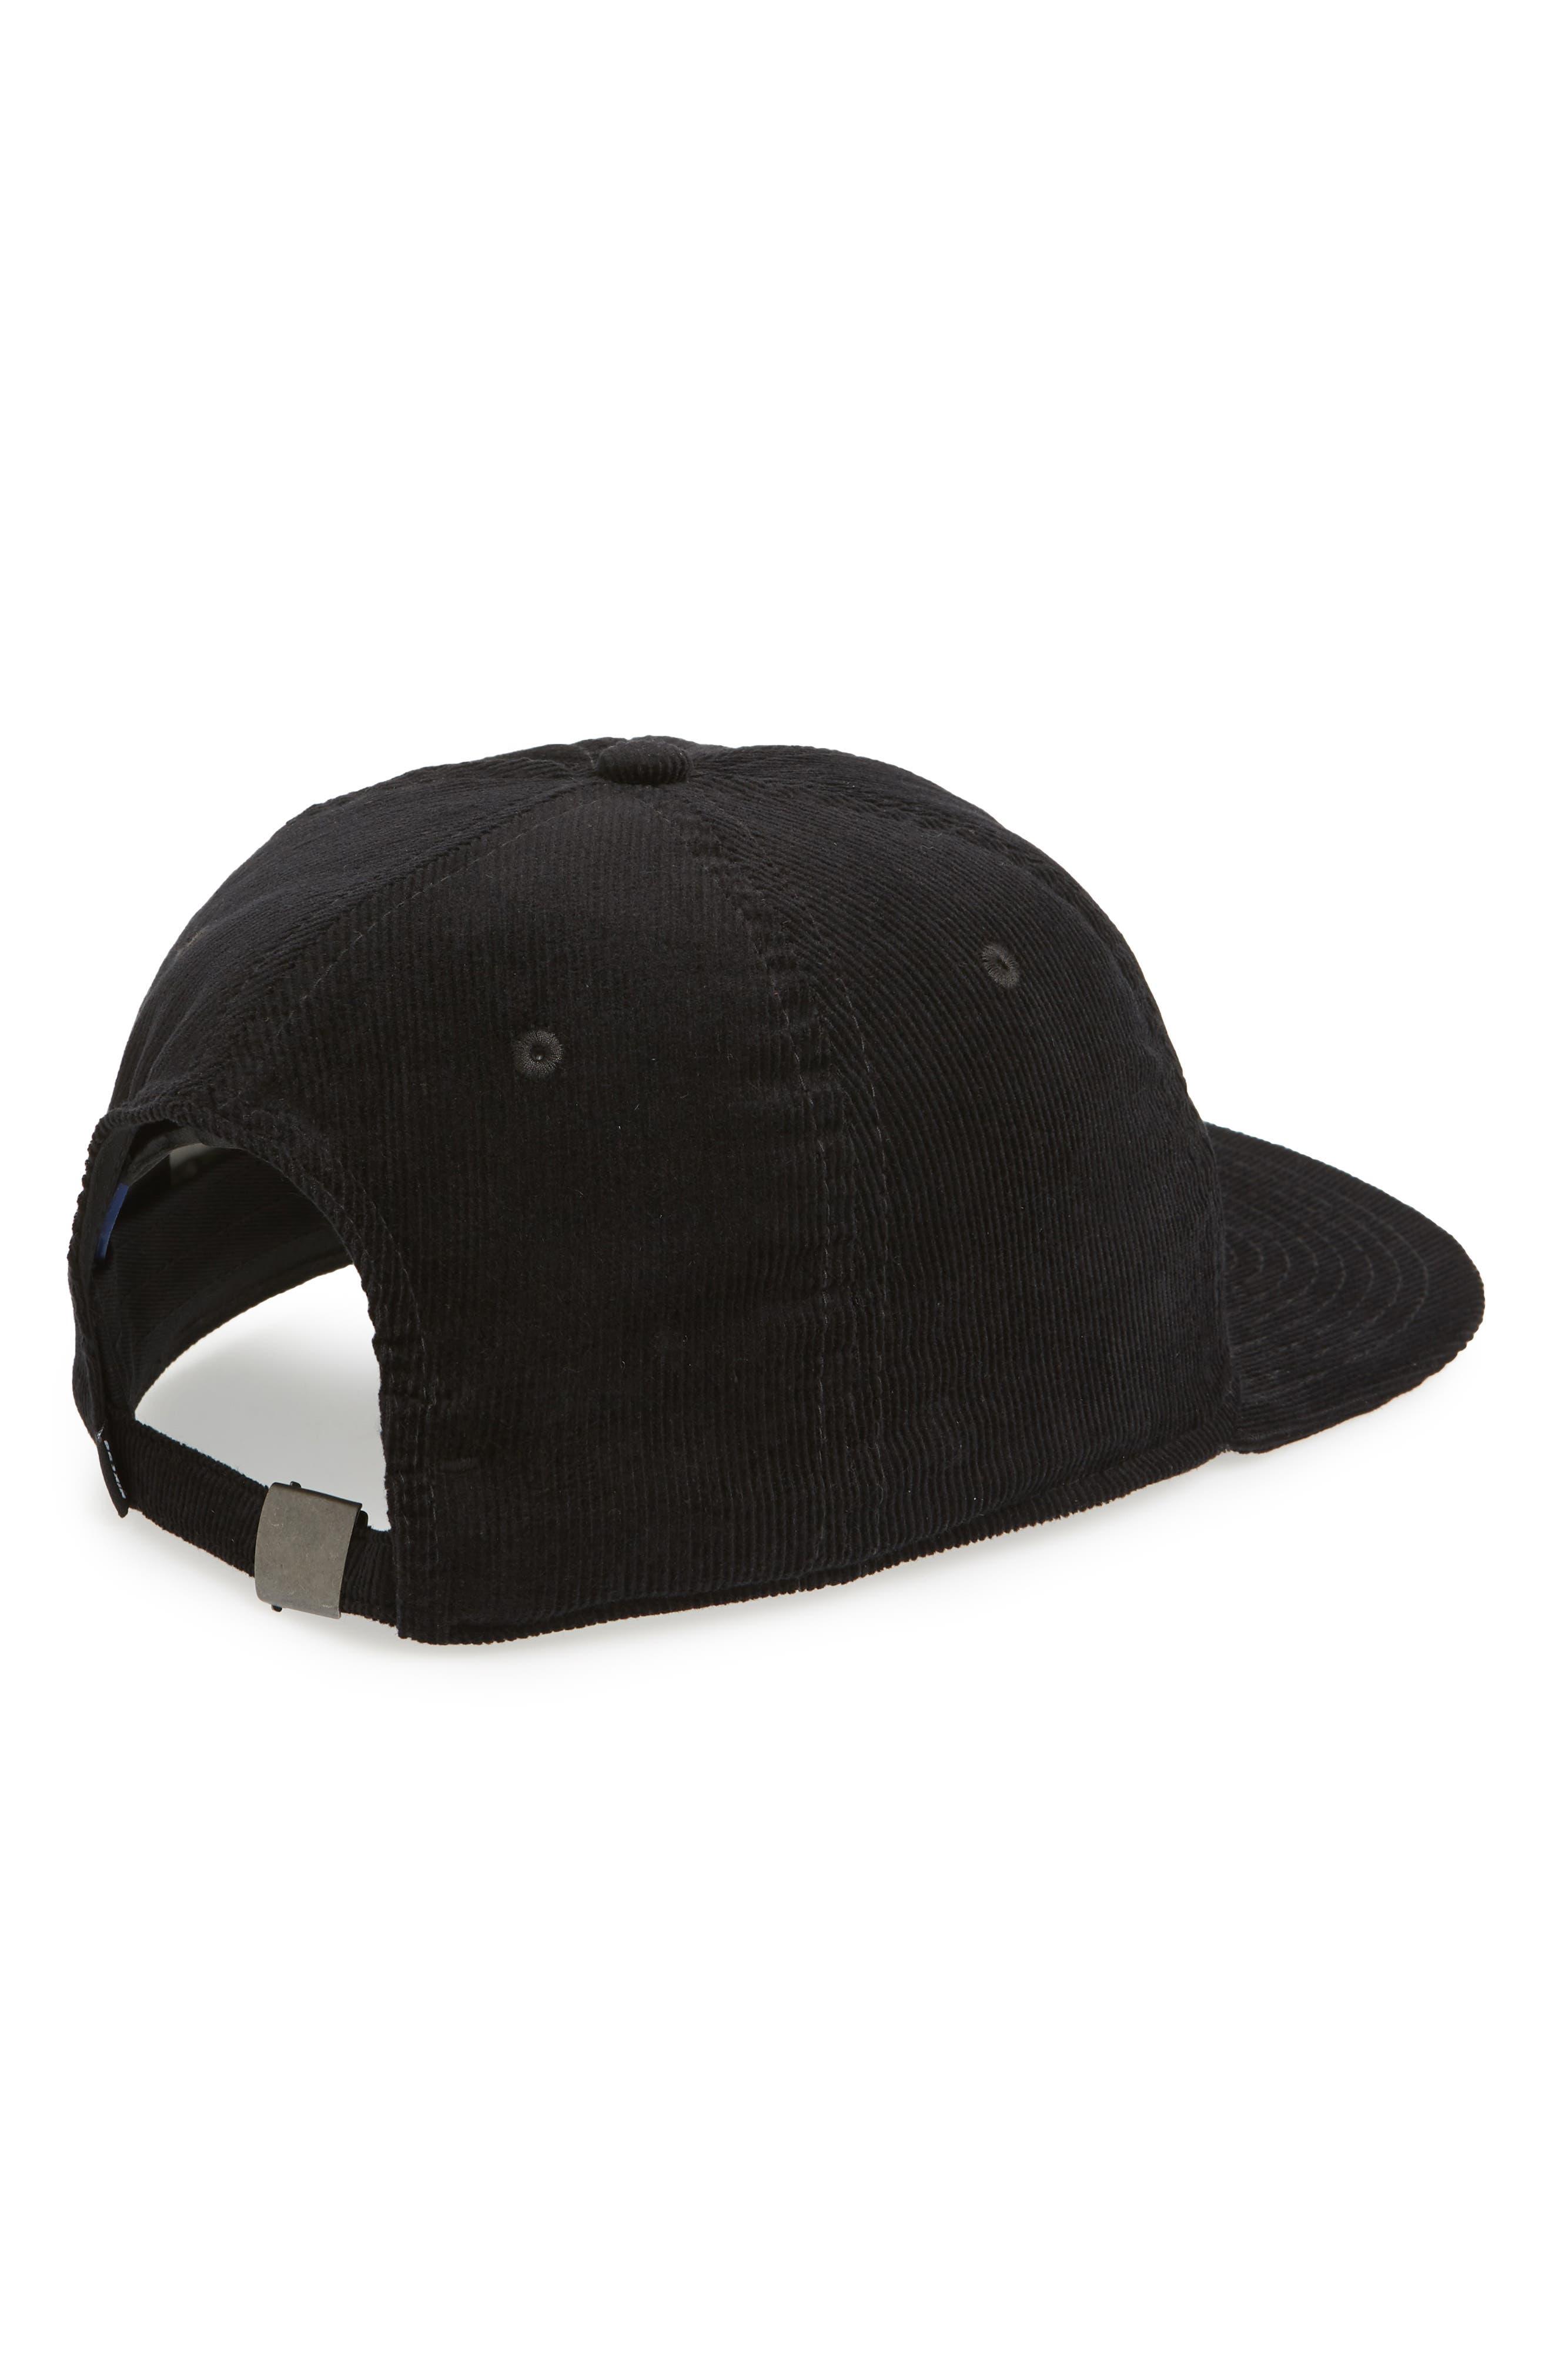 NIKE SB,                             H86 Flatbill Baseball Cap,                             Alternate thumbnail 2, color,                             BLACK/ BLACK